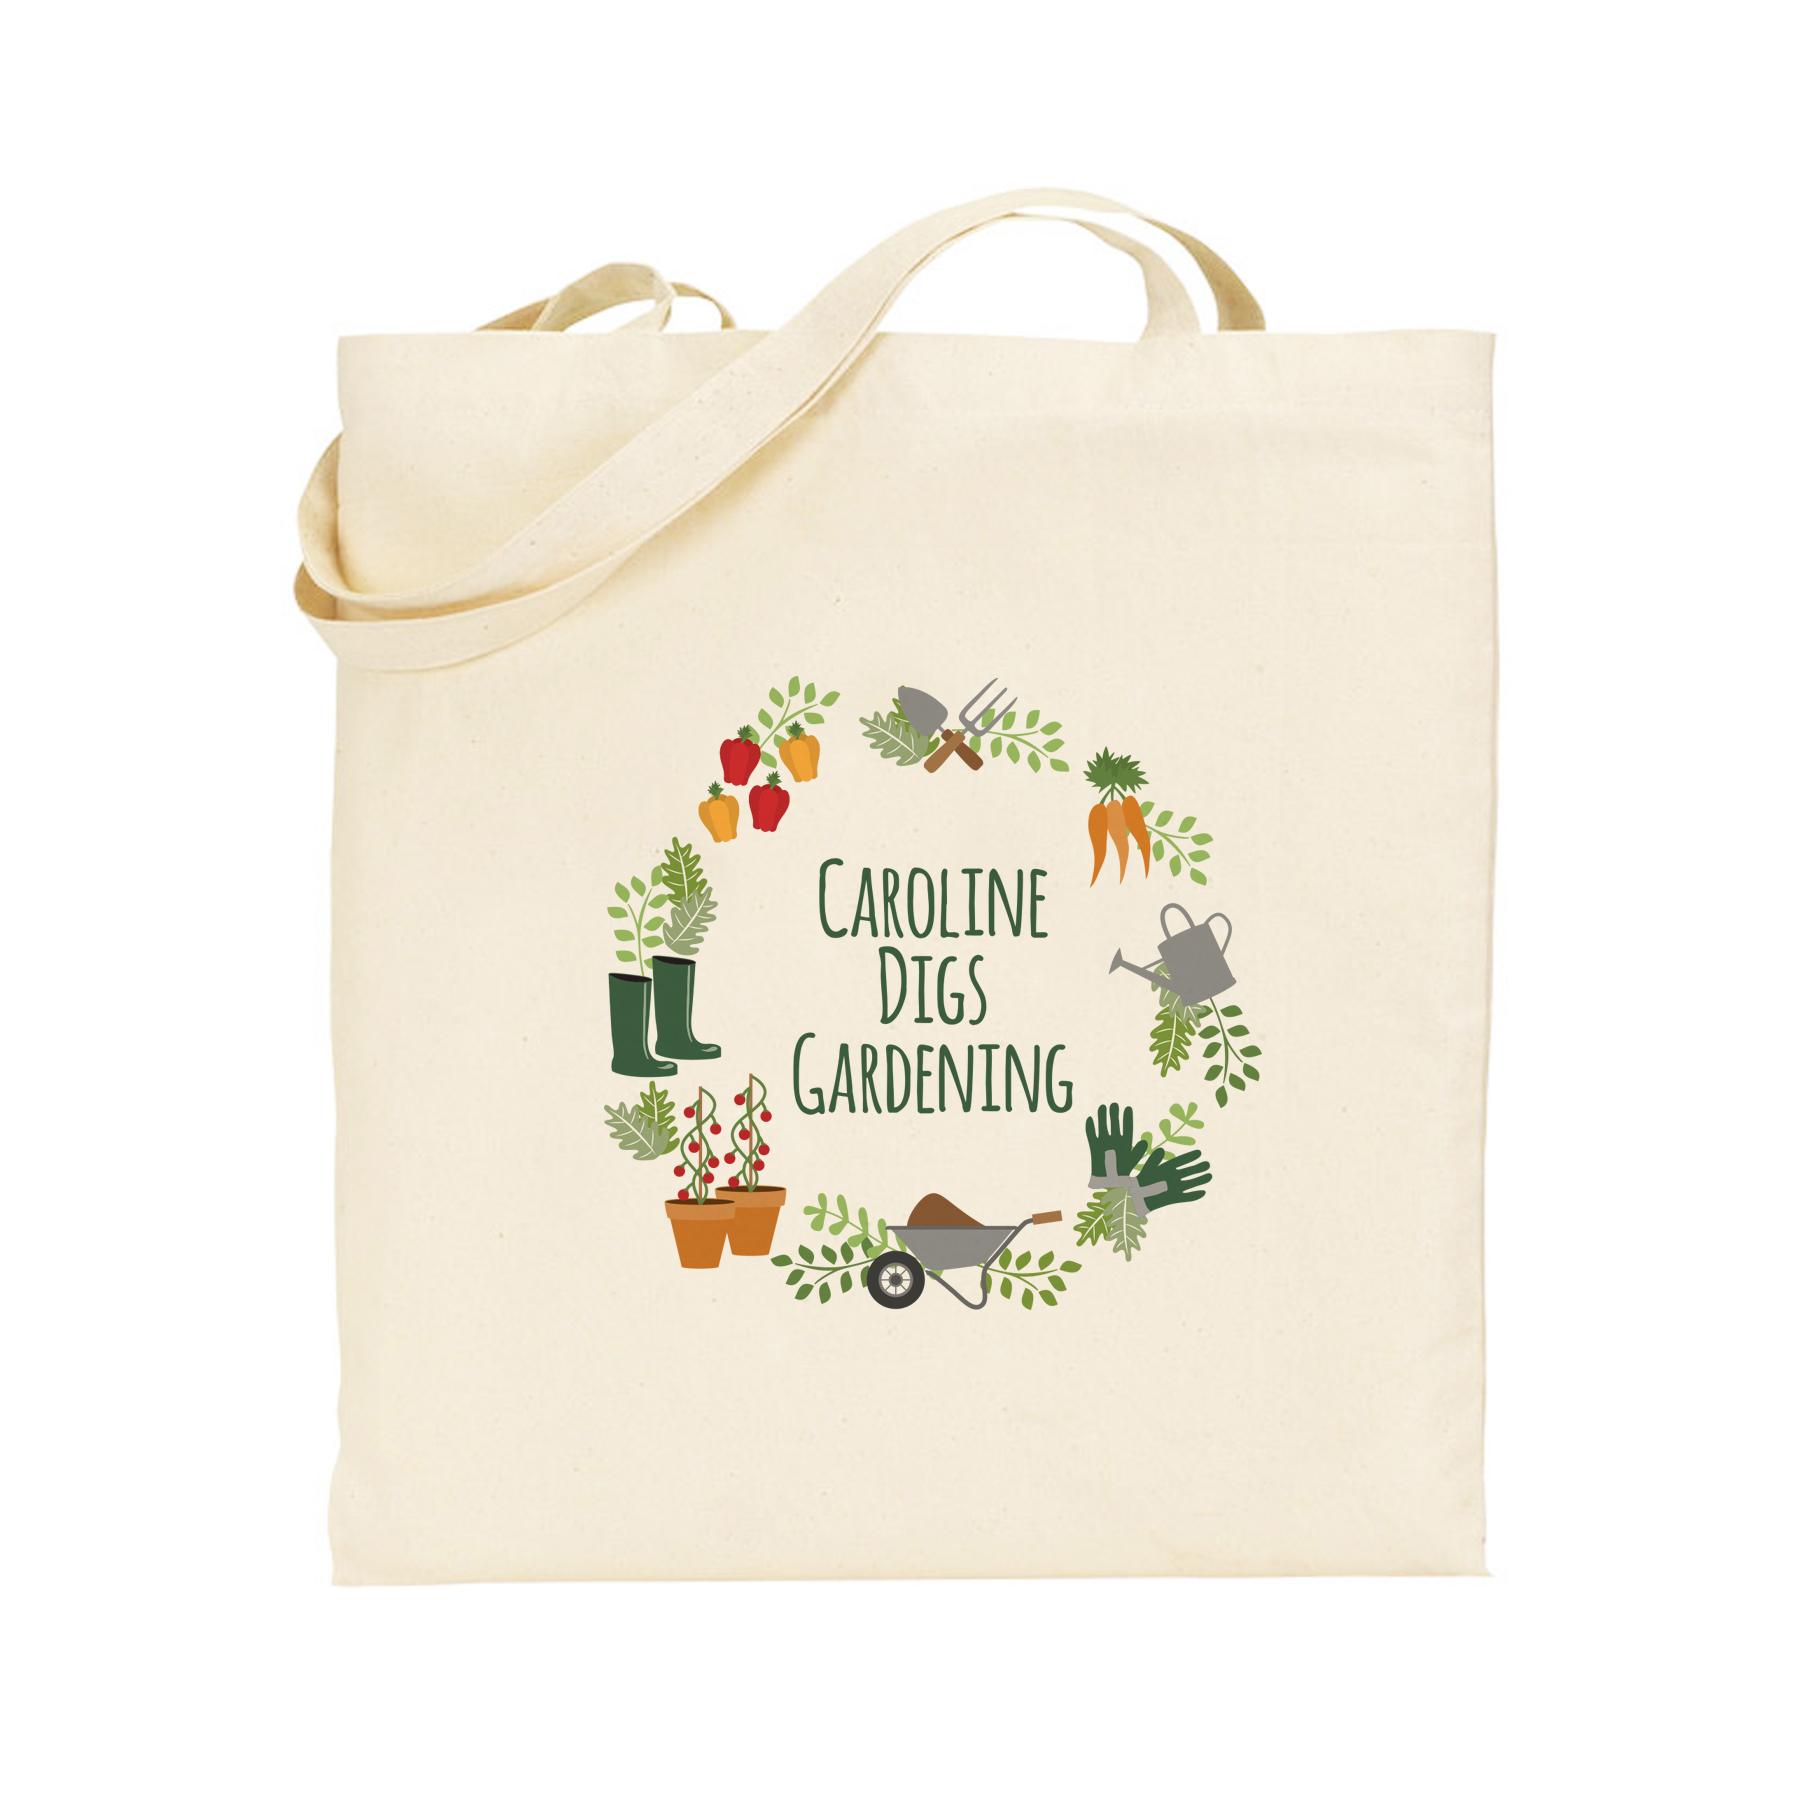 Digs Gardening Tote Bag